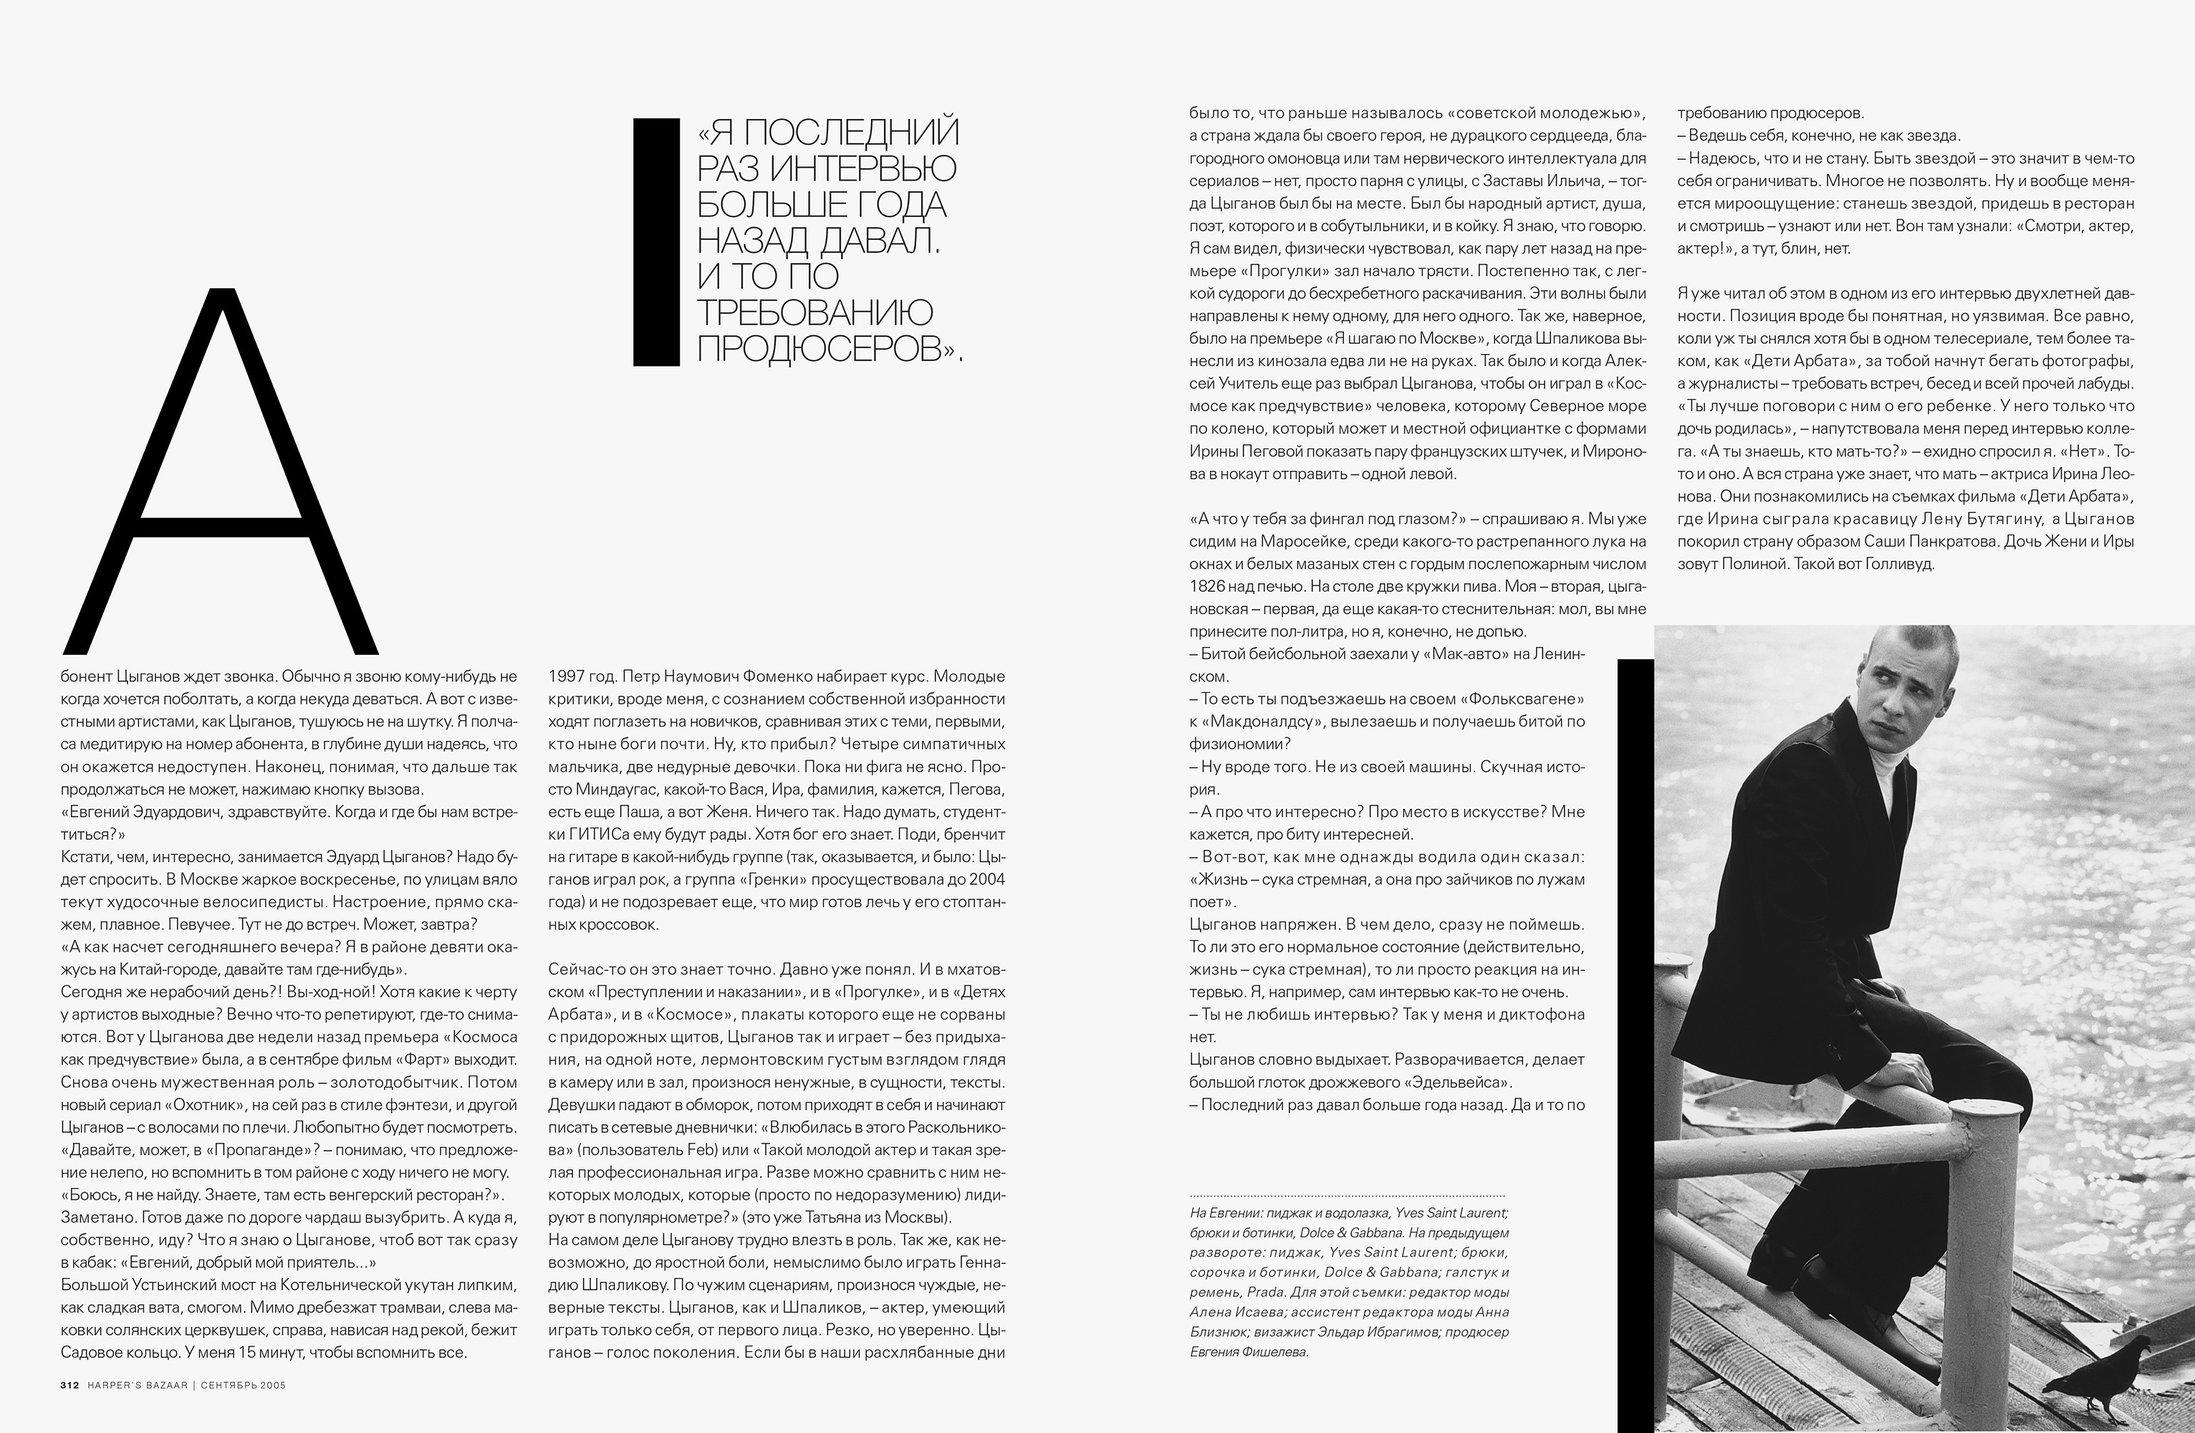 Evgeniy Tsyganov for Harper's Bazaar 2006